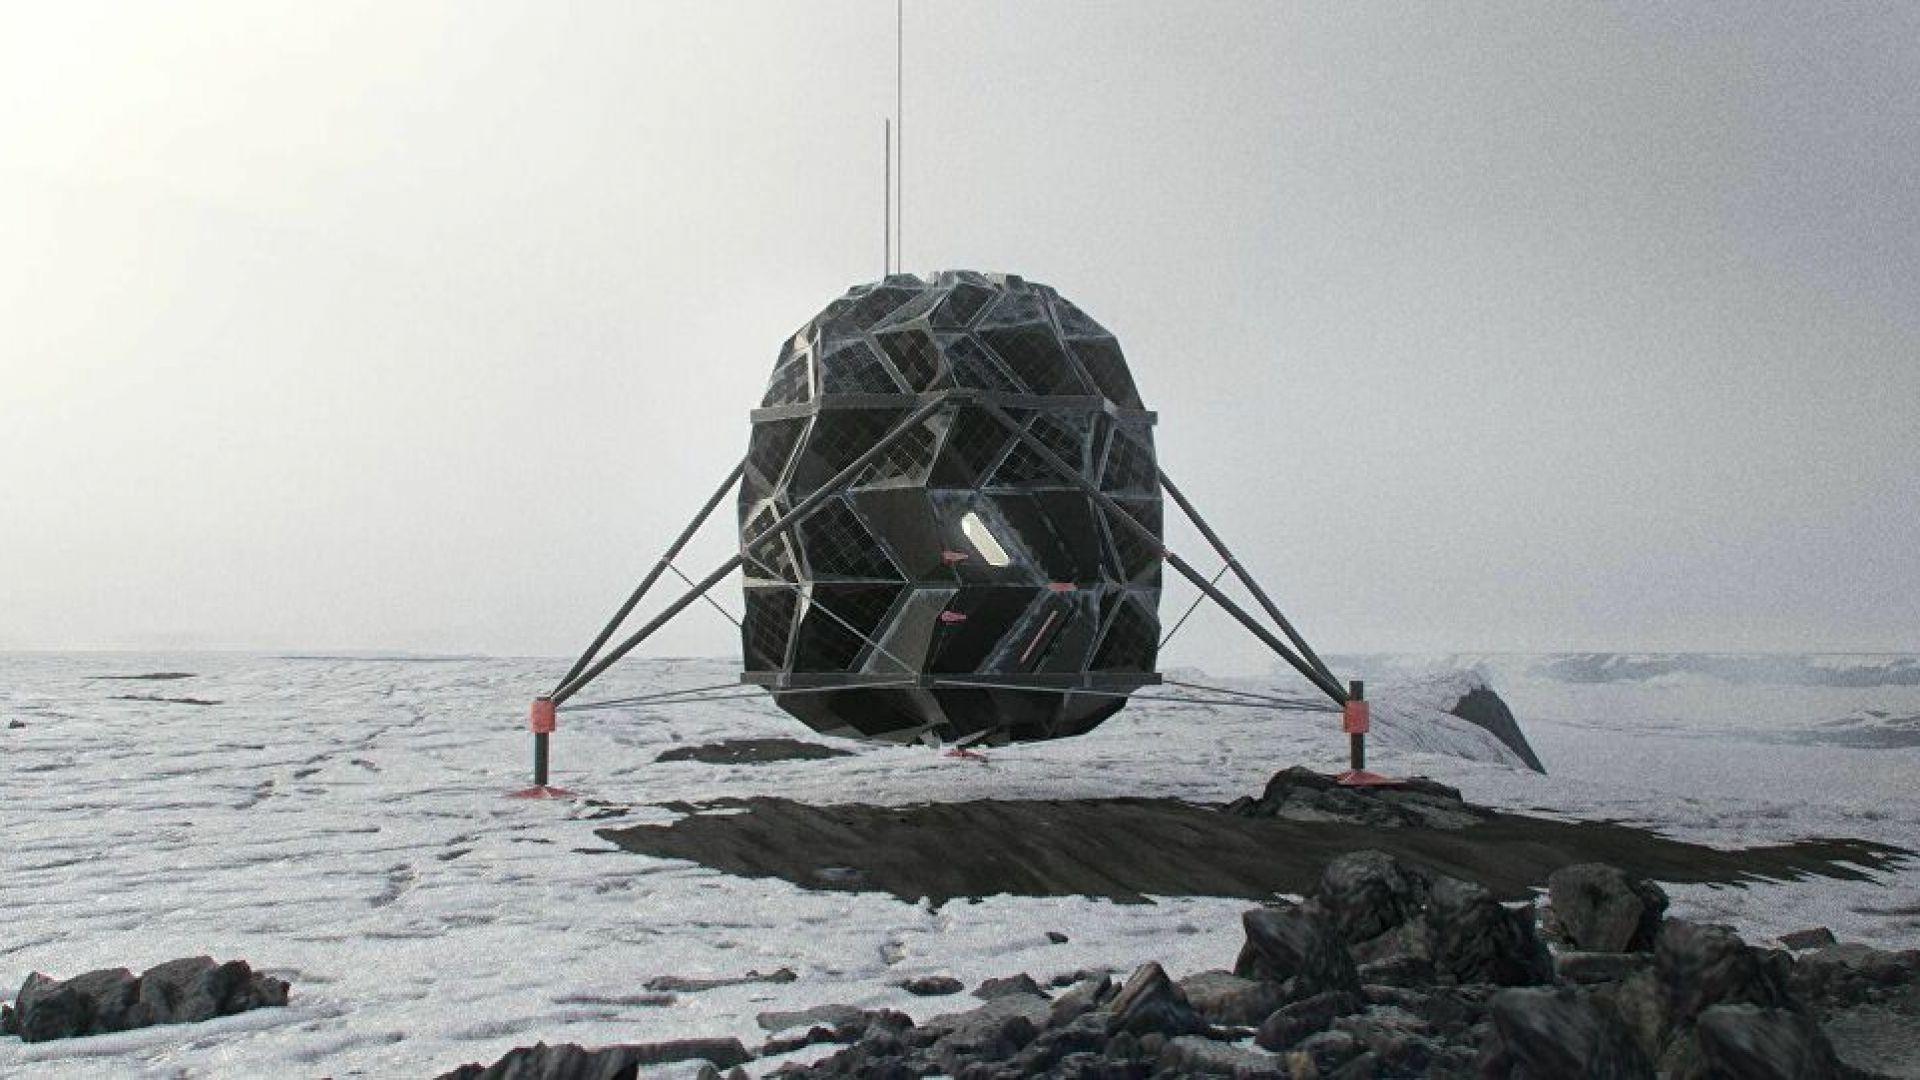 Мисията Lunark симулира изолацията при живот на Луната